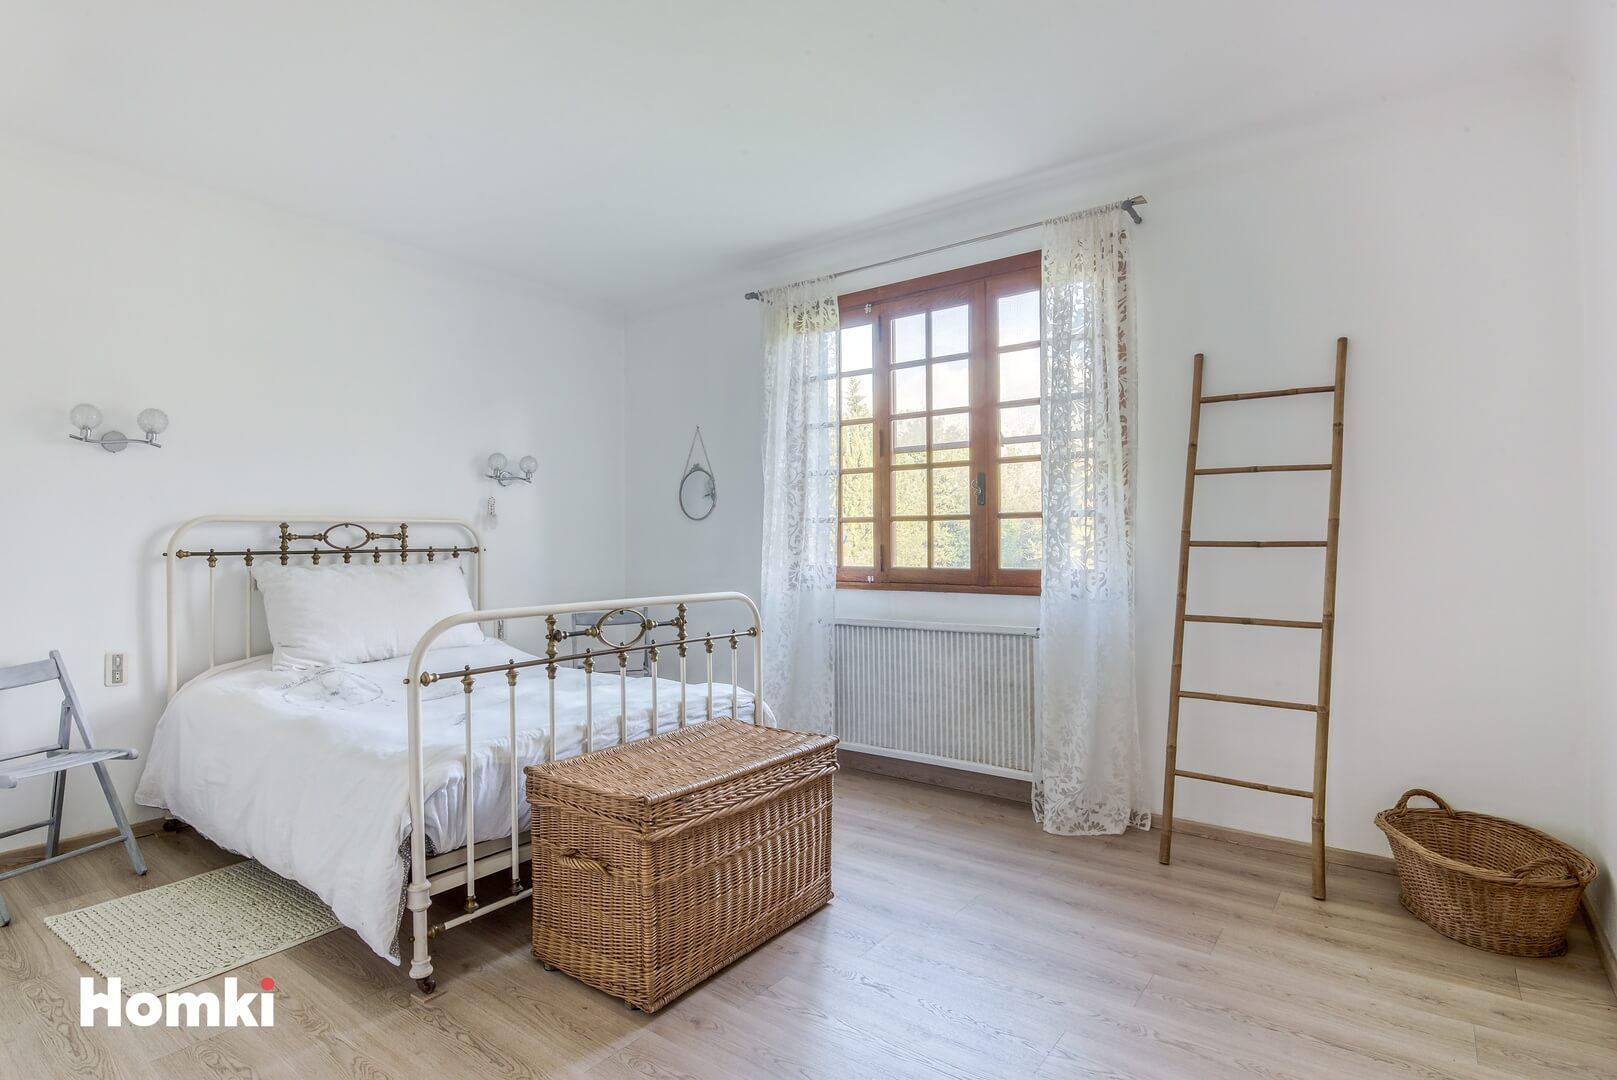 Homki - Vente Maison/villa  de 117.0 m² à Bollène 84500